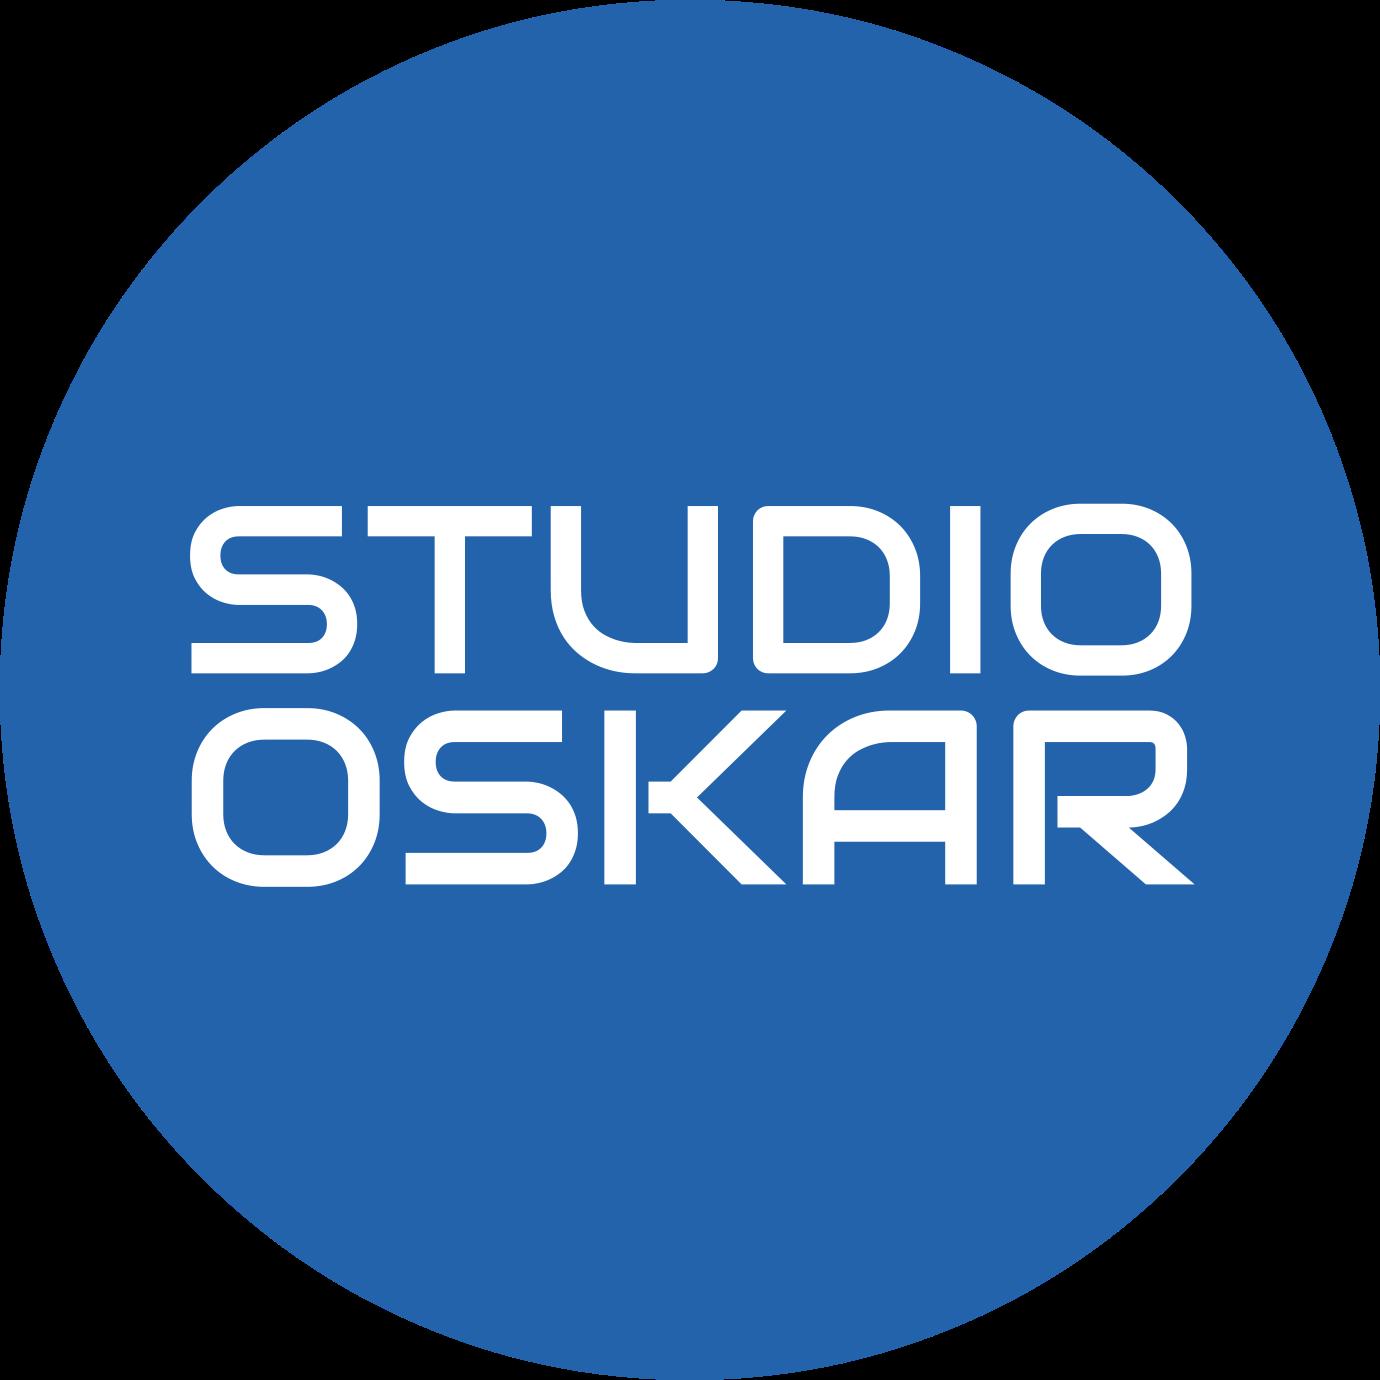 STUDIO OSKAR